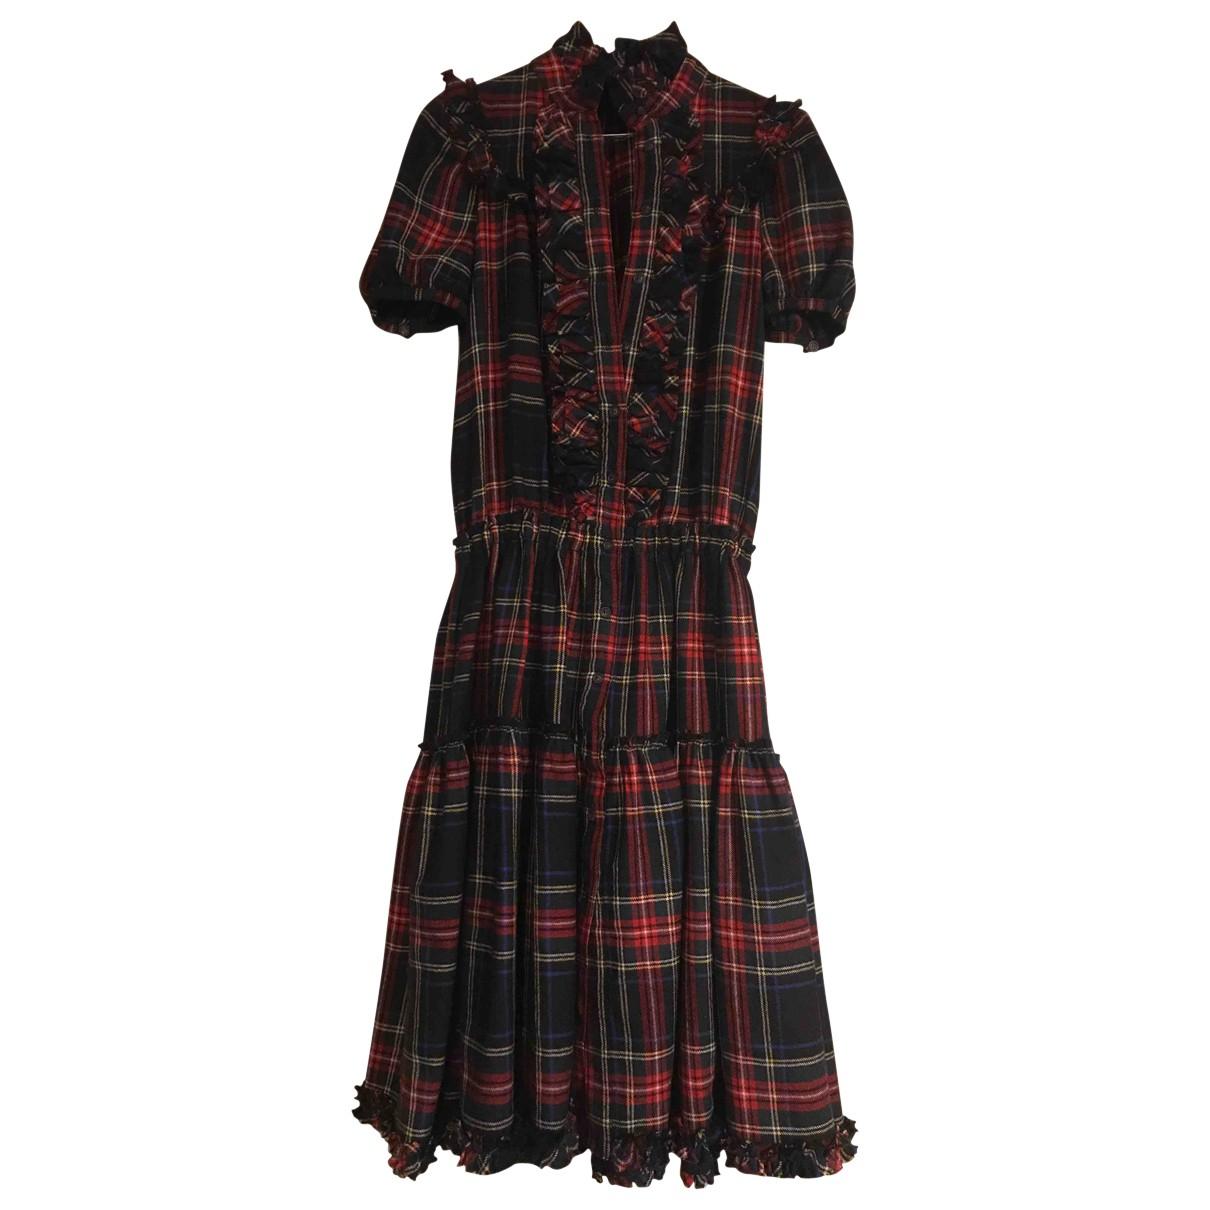 D&g \N Kleid in Wolle